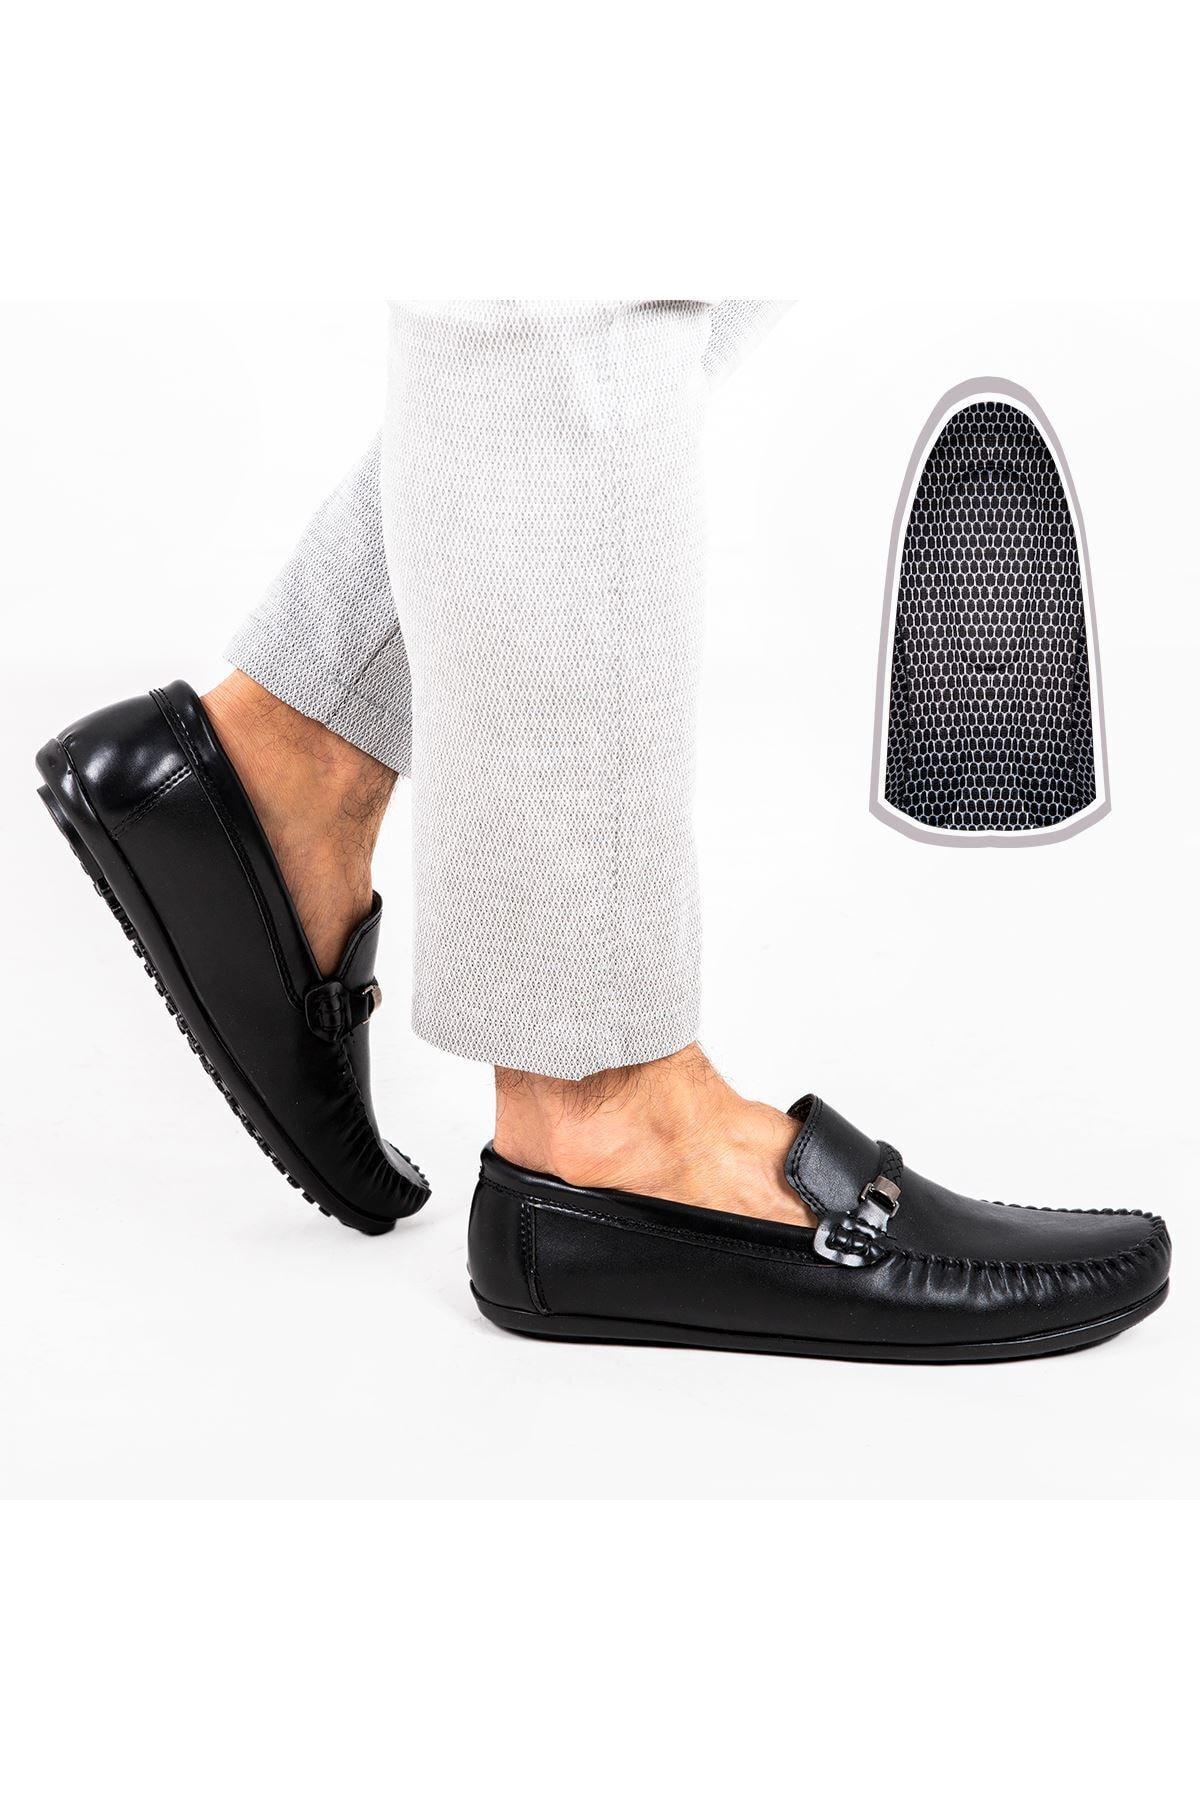 Milano Brava Ortopedik Loafer Erkek Ayakkabı Mln1505 Siyah 2